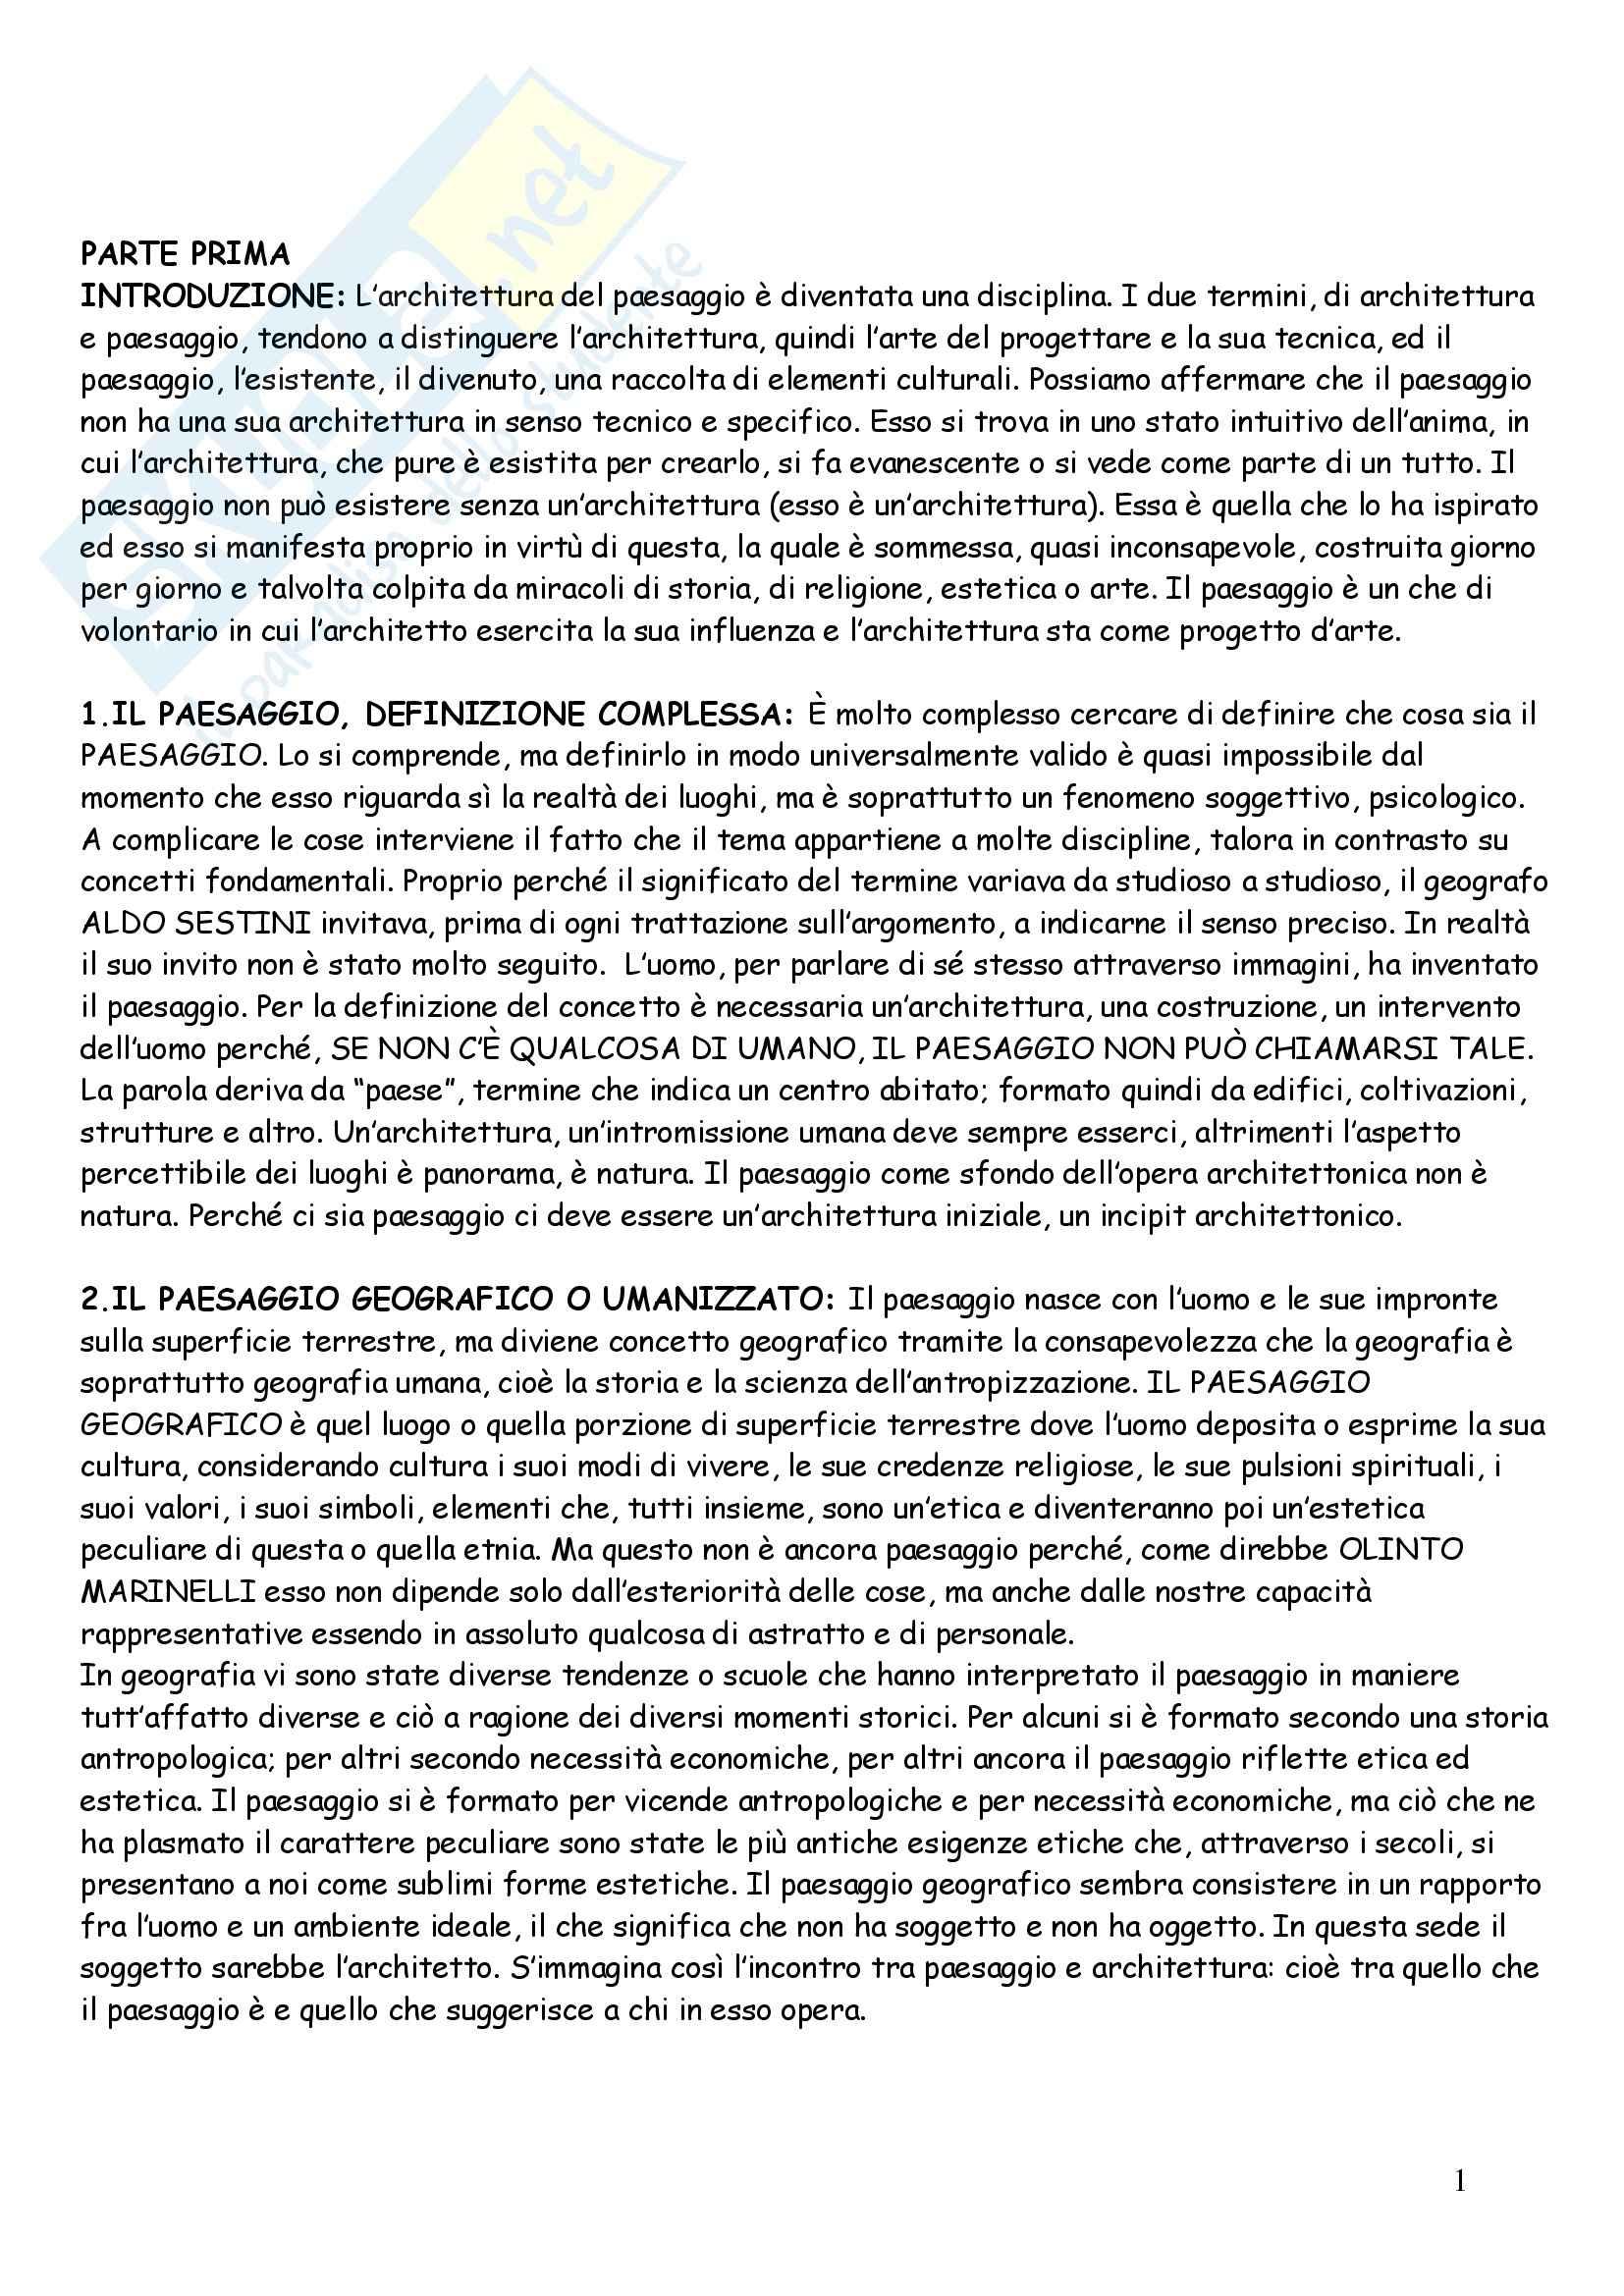 Riassunto esame Geografia: Architettura del paesaggio, prof. Andreotti